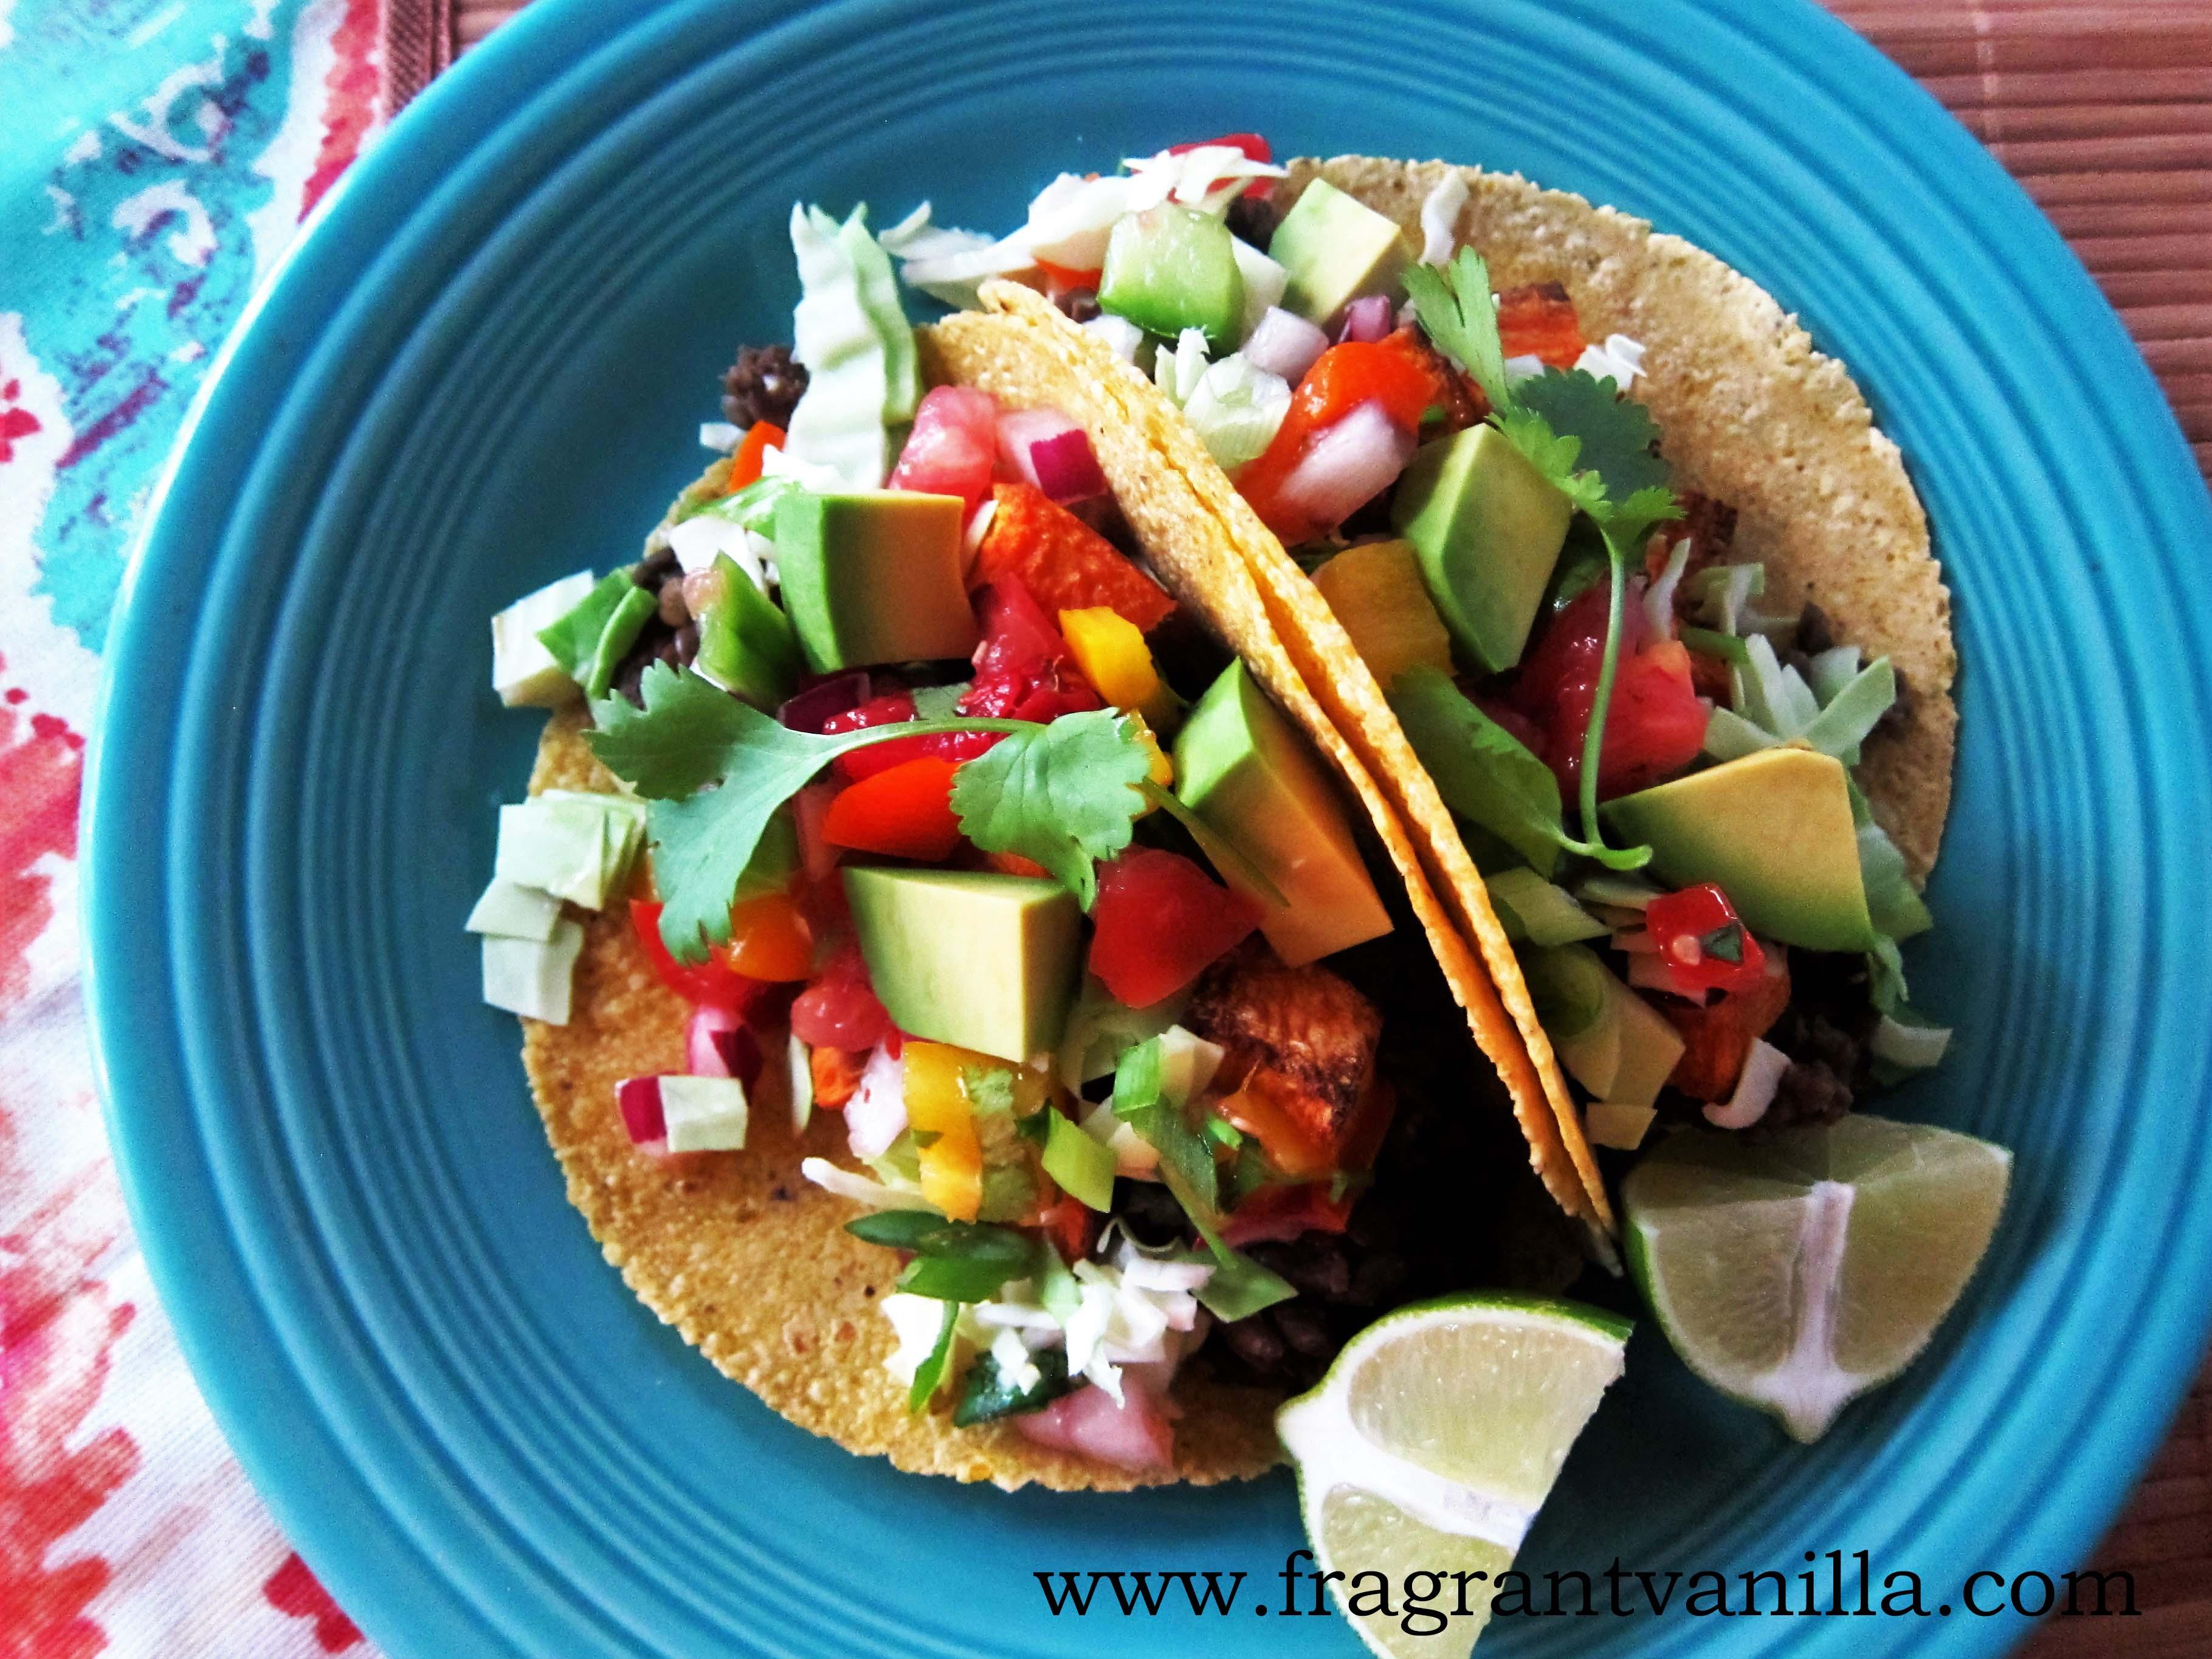 Vegan Lentil, Mushroom Yam Tacos